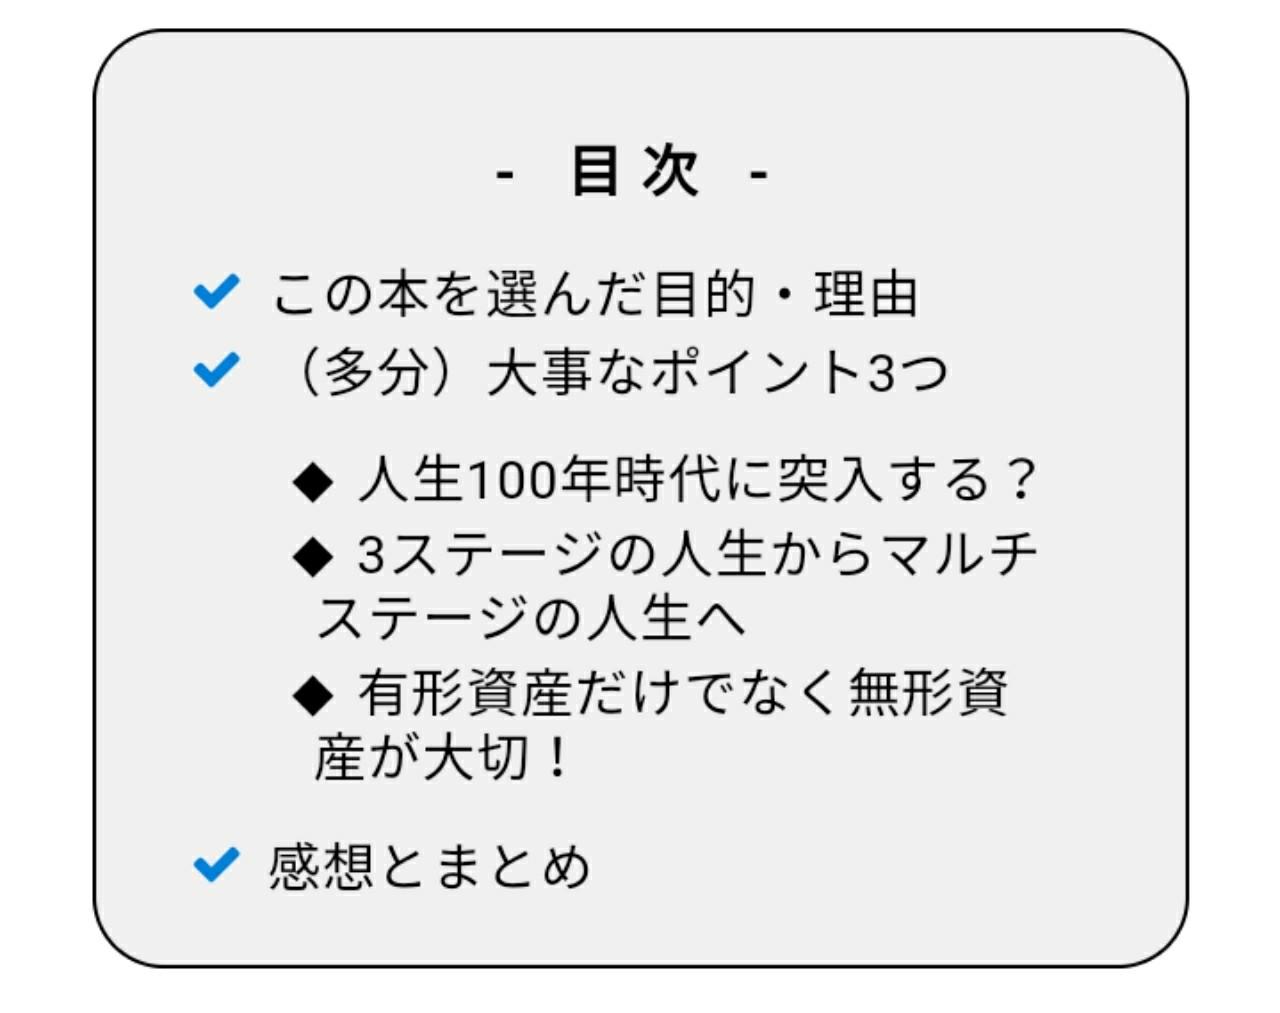 f:id:a0ryzae:20180926001022j:plain:w280